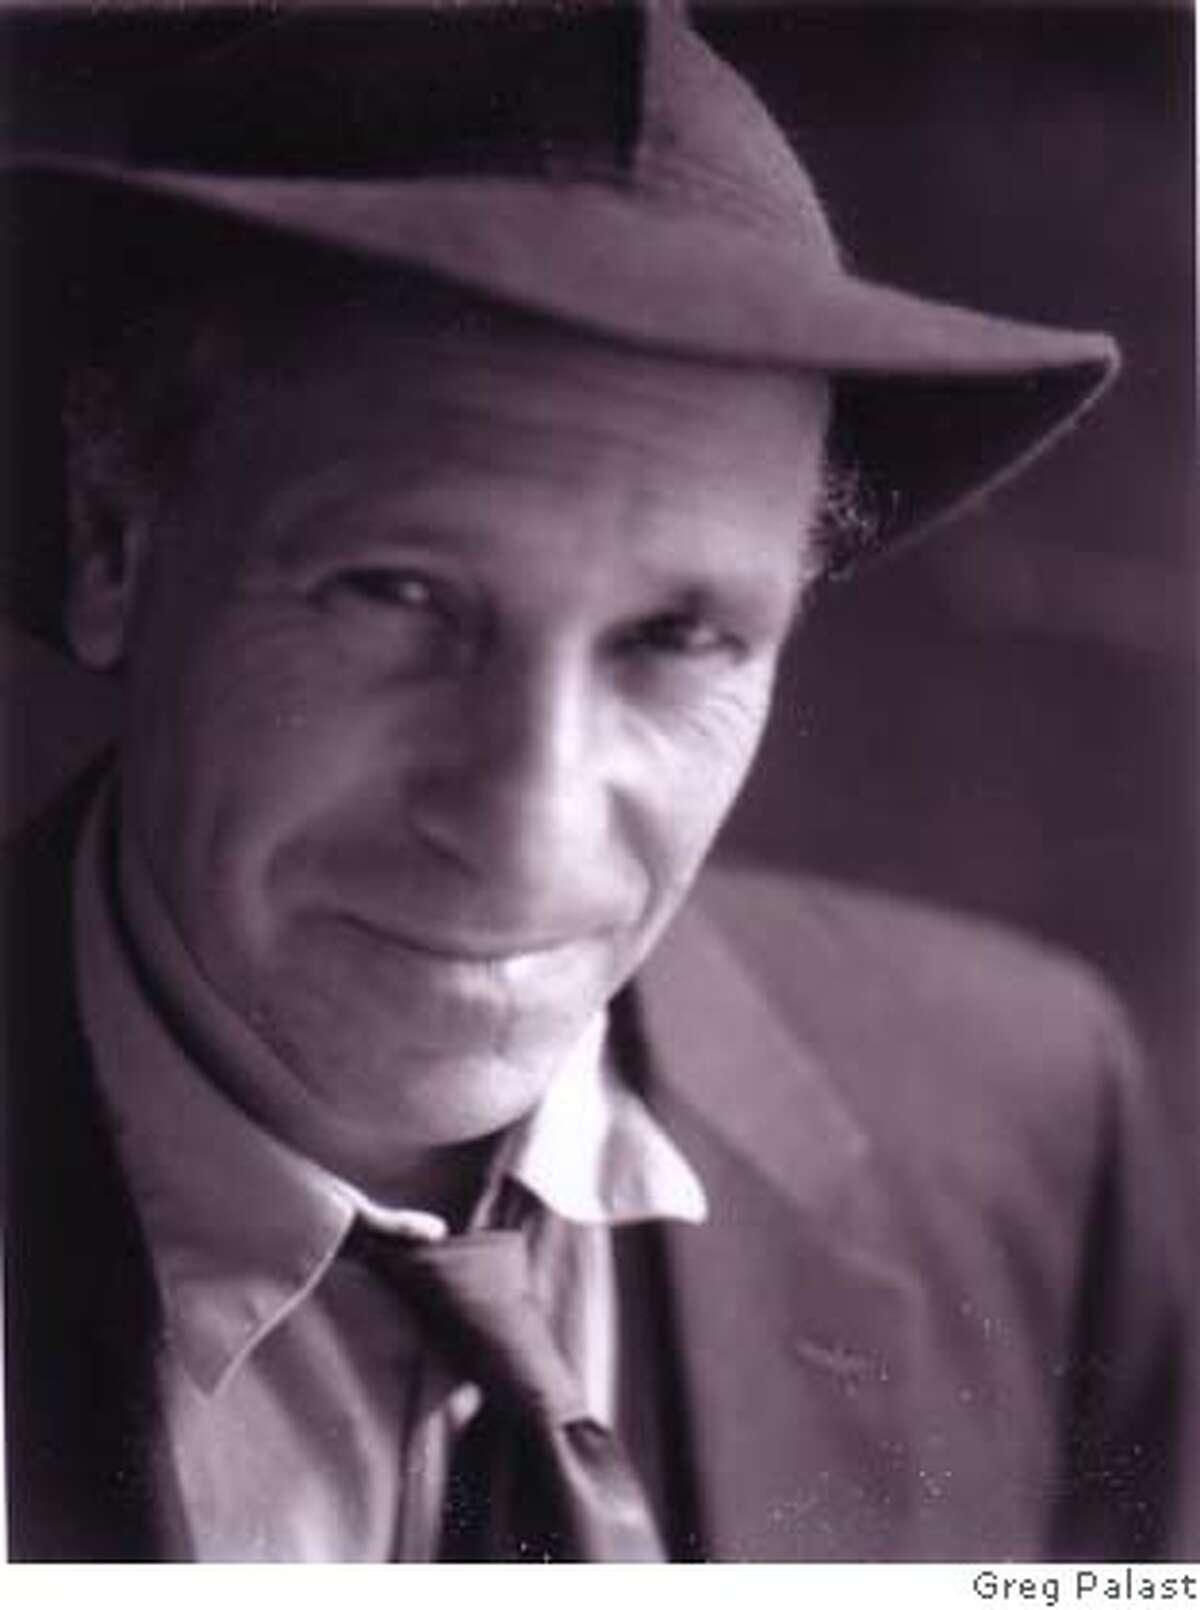 Greg Palast courtesy of Greg Palast